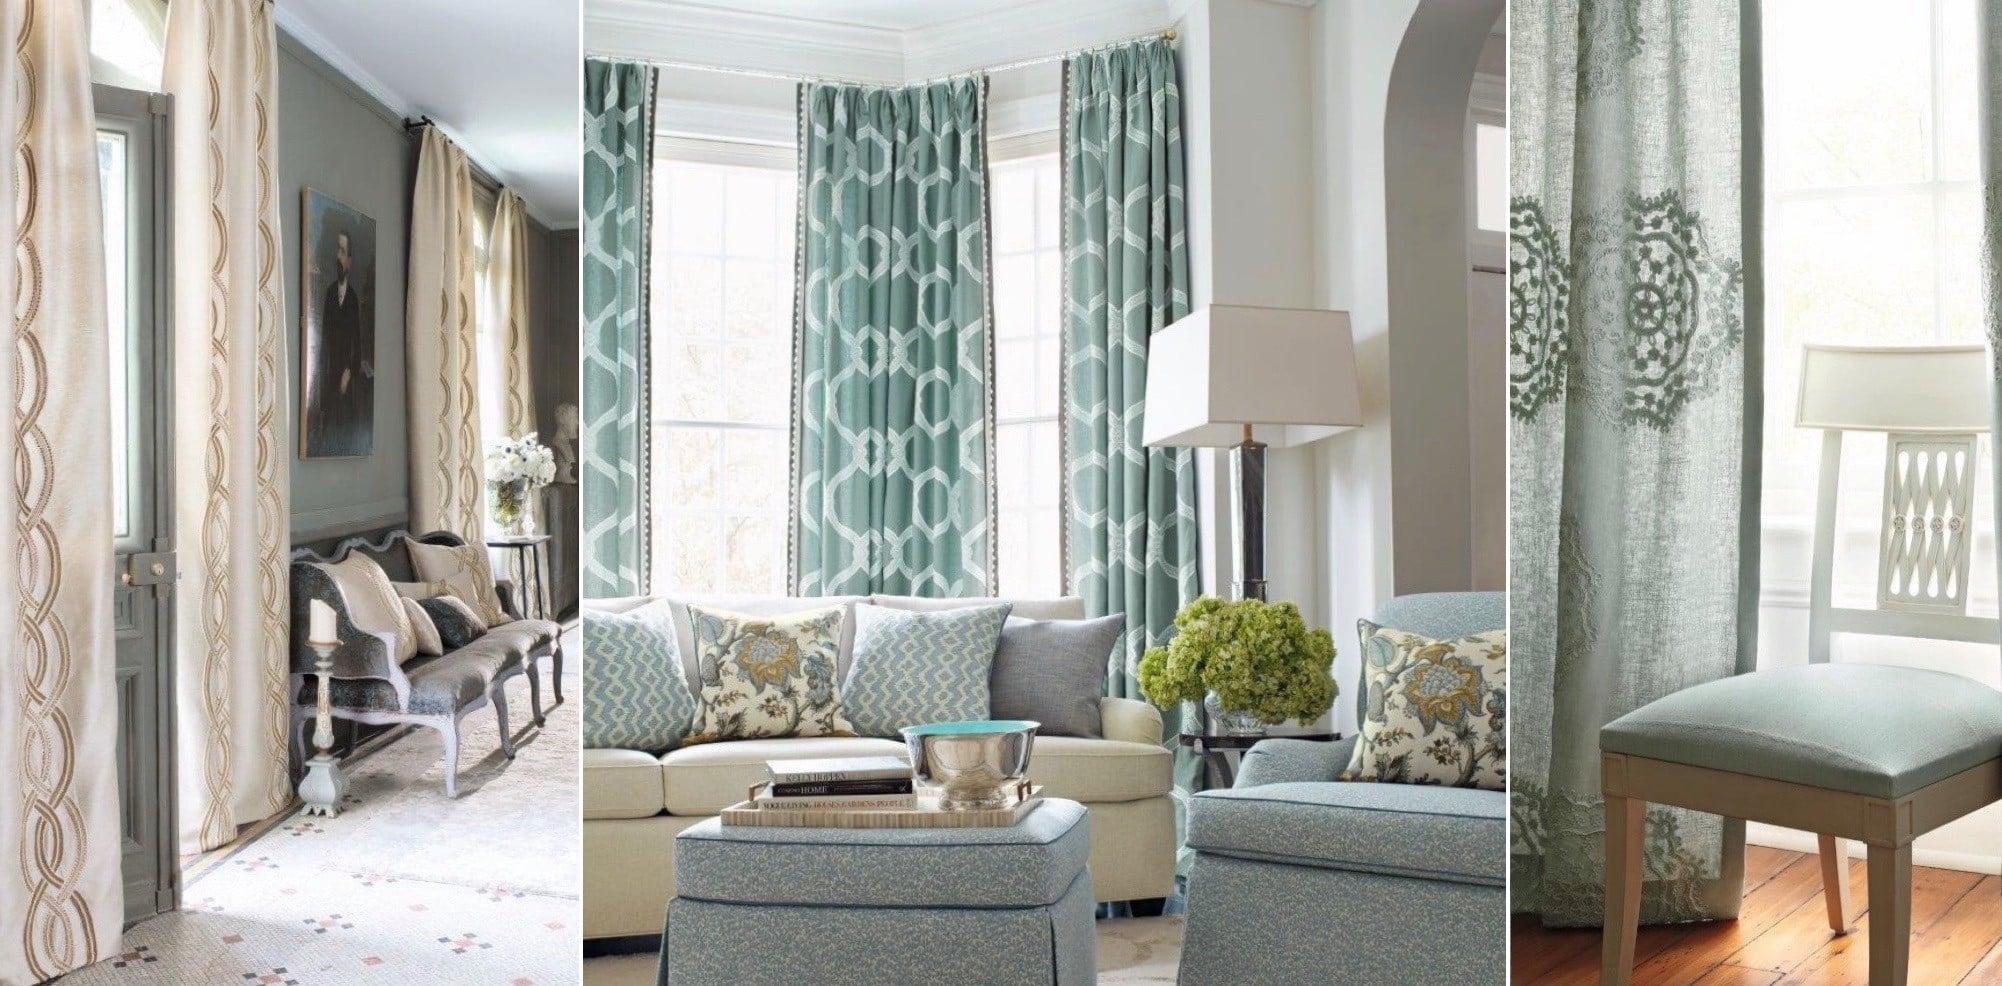 Achat vente de rideau classique et moderne